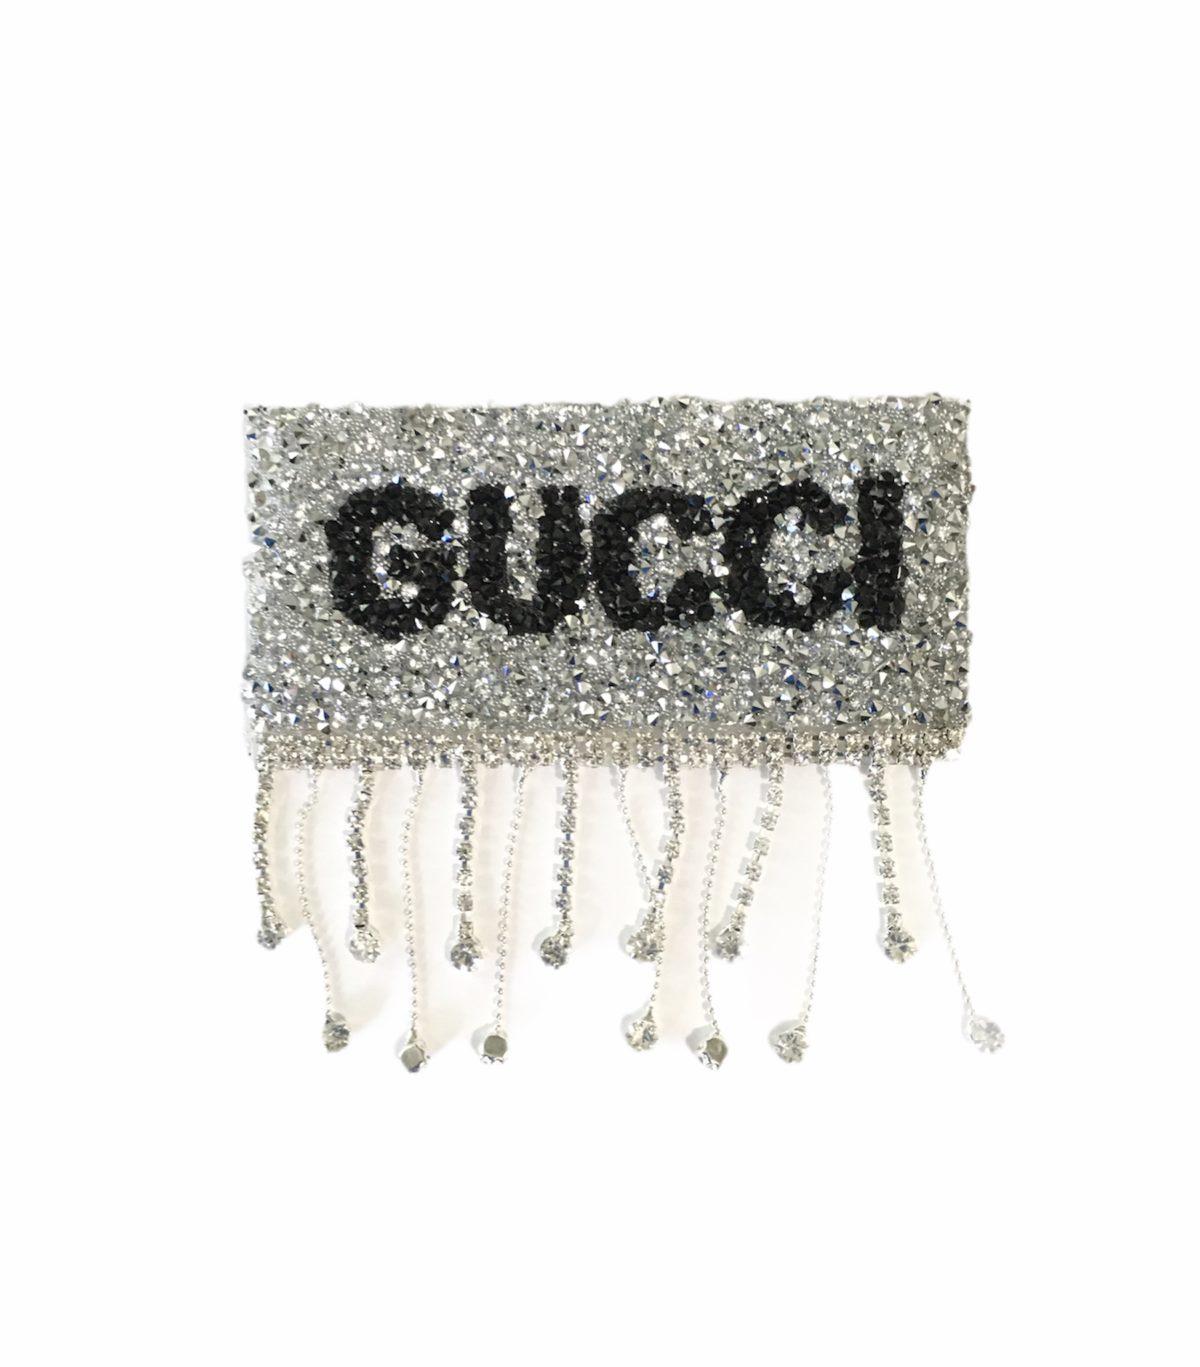 NEW Rhinestone Gucci Patch, Dangle Iron On Hotfix Patch 1